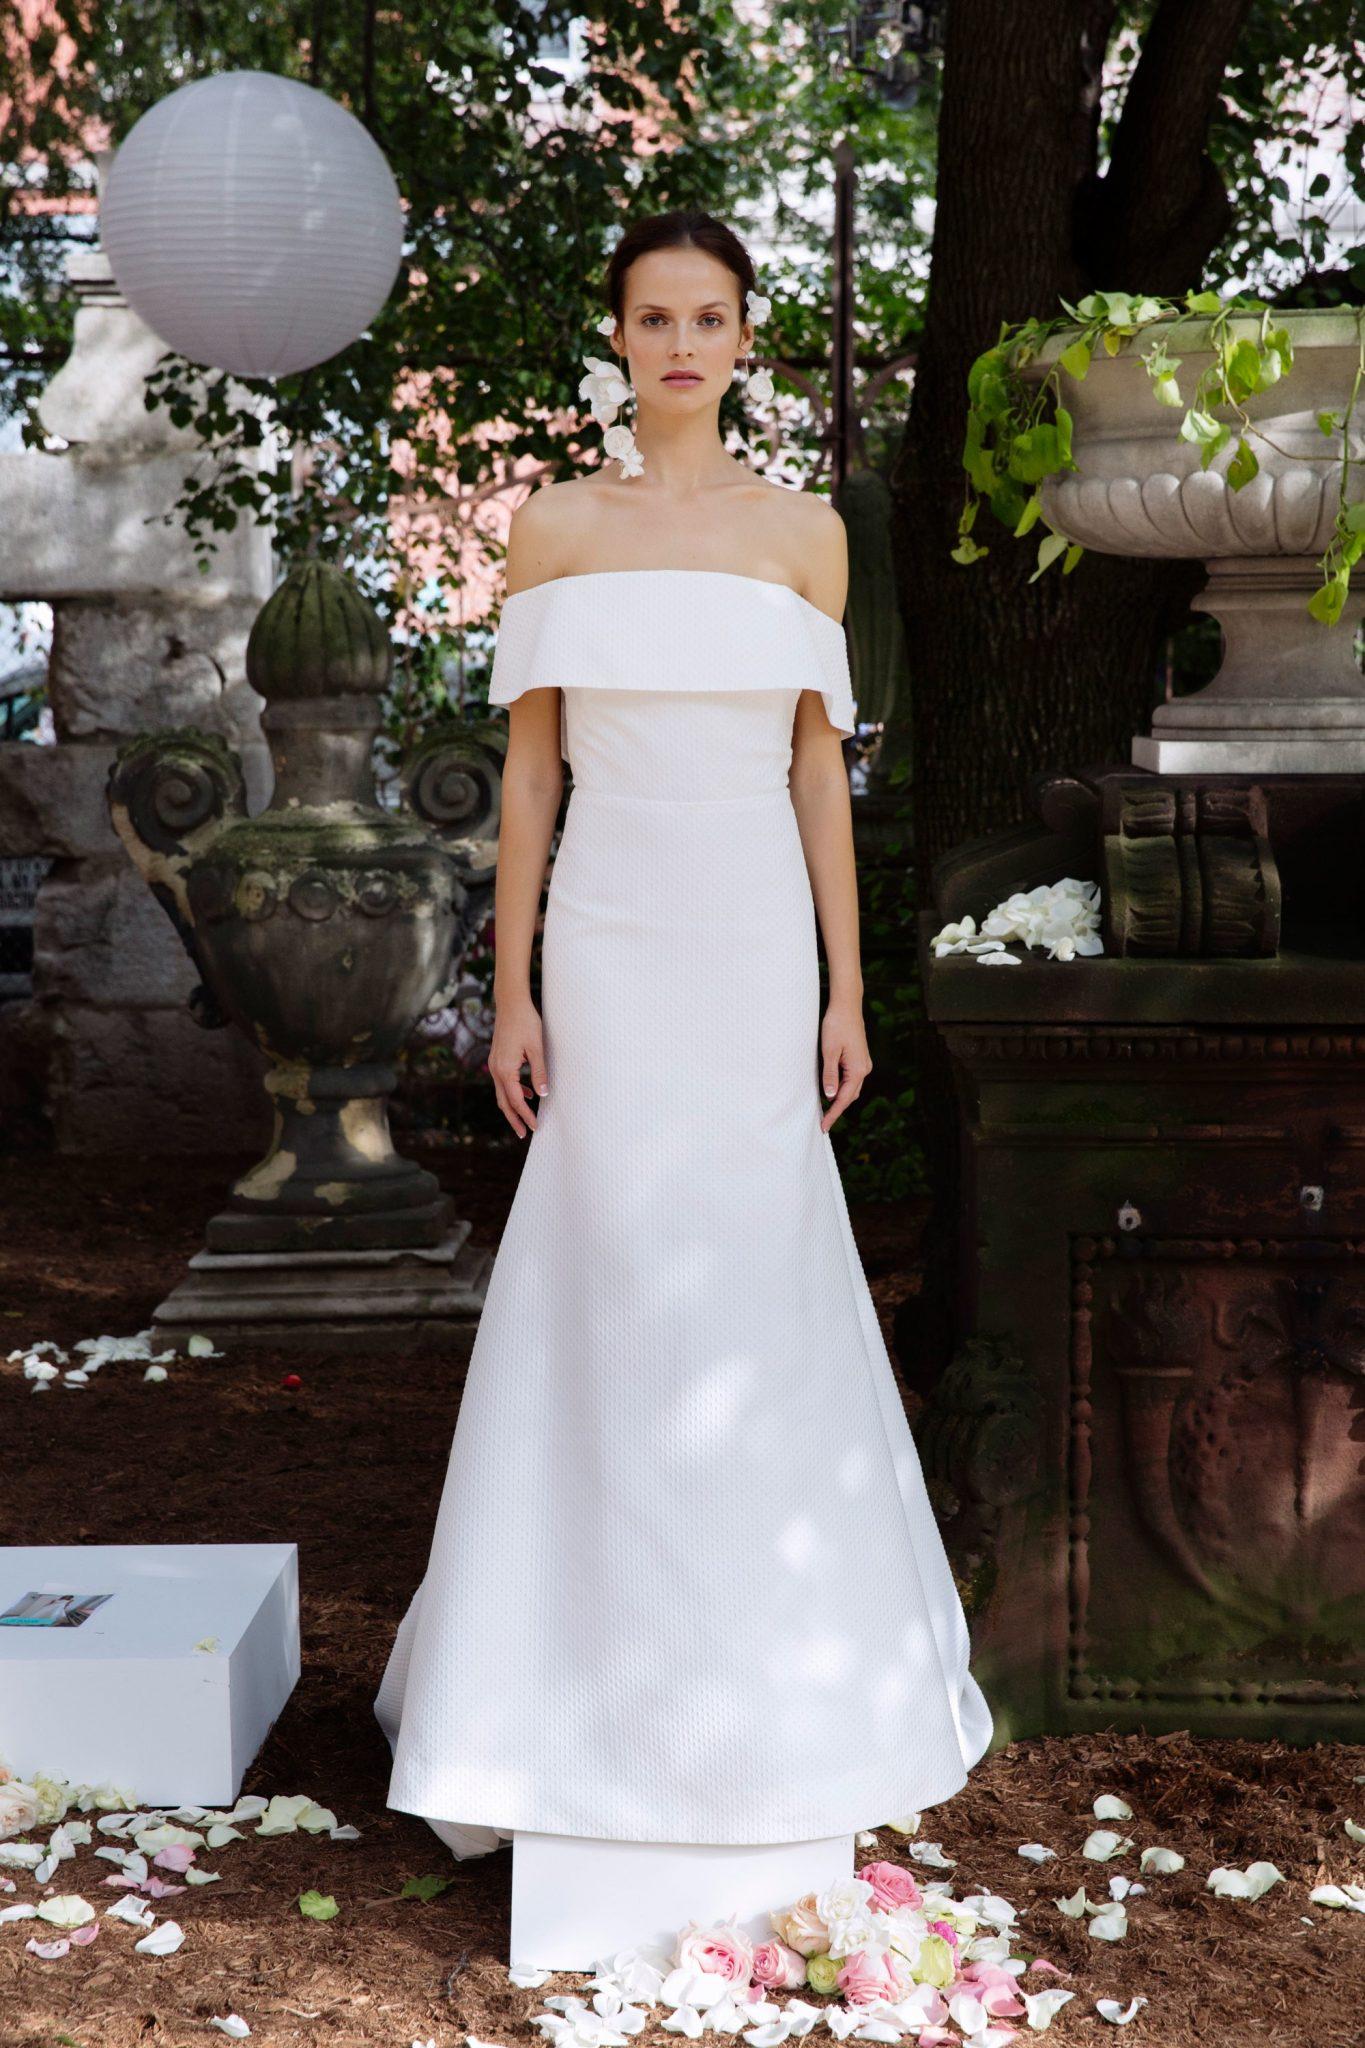 Bridal Fashion Week Fall 2018 Off The Shoulder Wedding Dress | www.thestyledbride.com